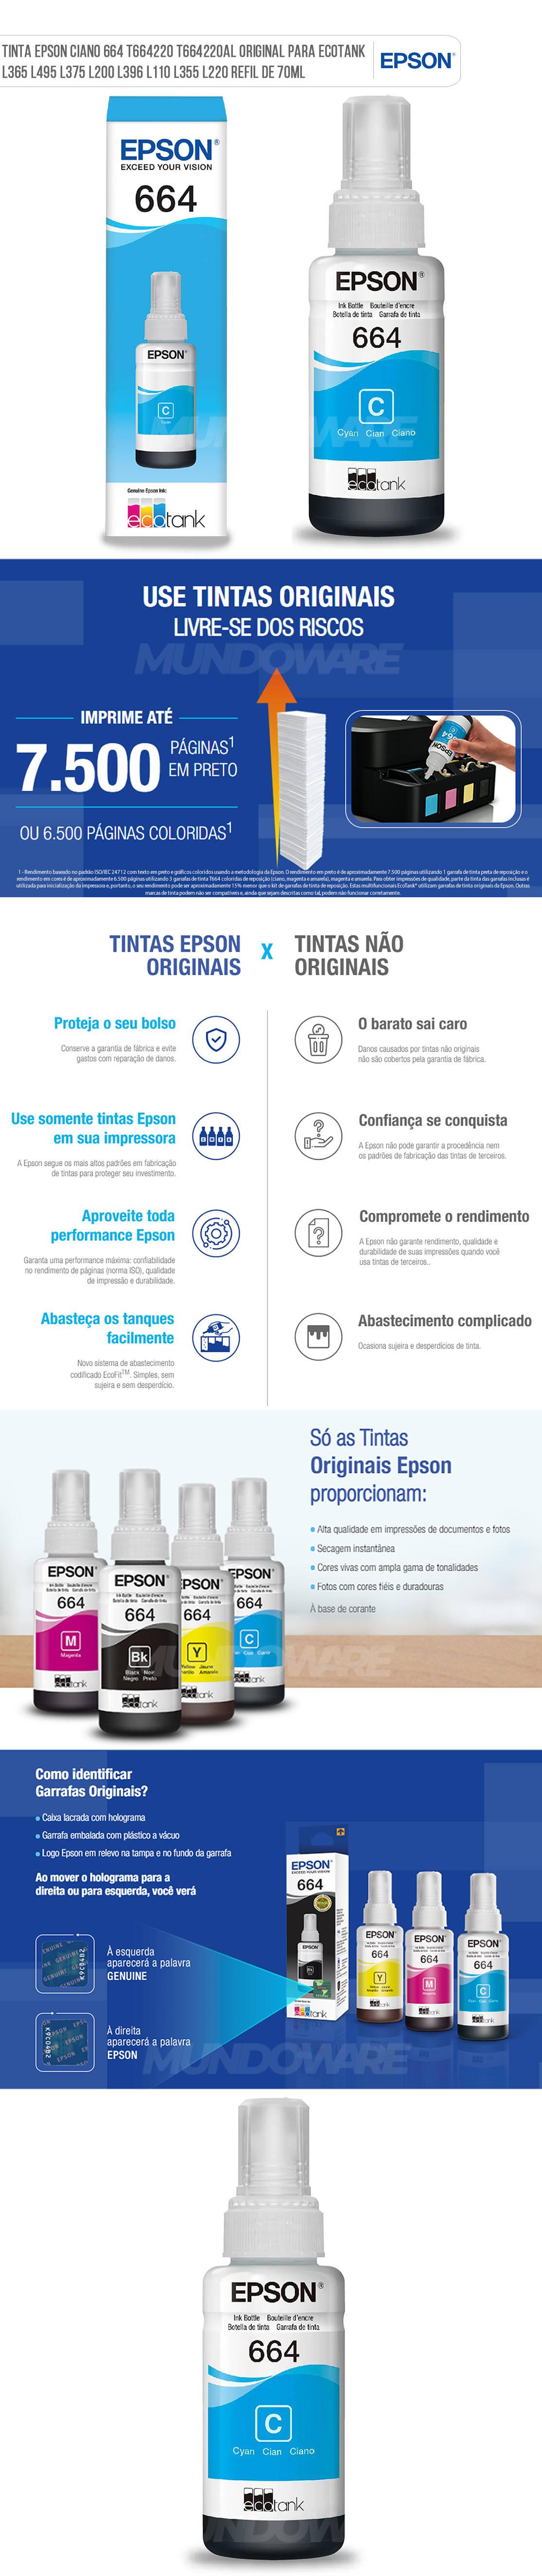 Tinta Epson Ciano 664 T664220 T664220AL Original para Ecotank L365 L495 L375 L200 L396 L110 L355 L220 Refil de 70ml